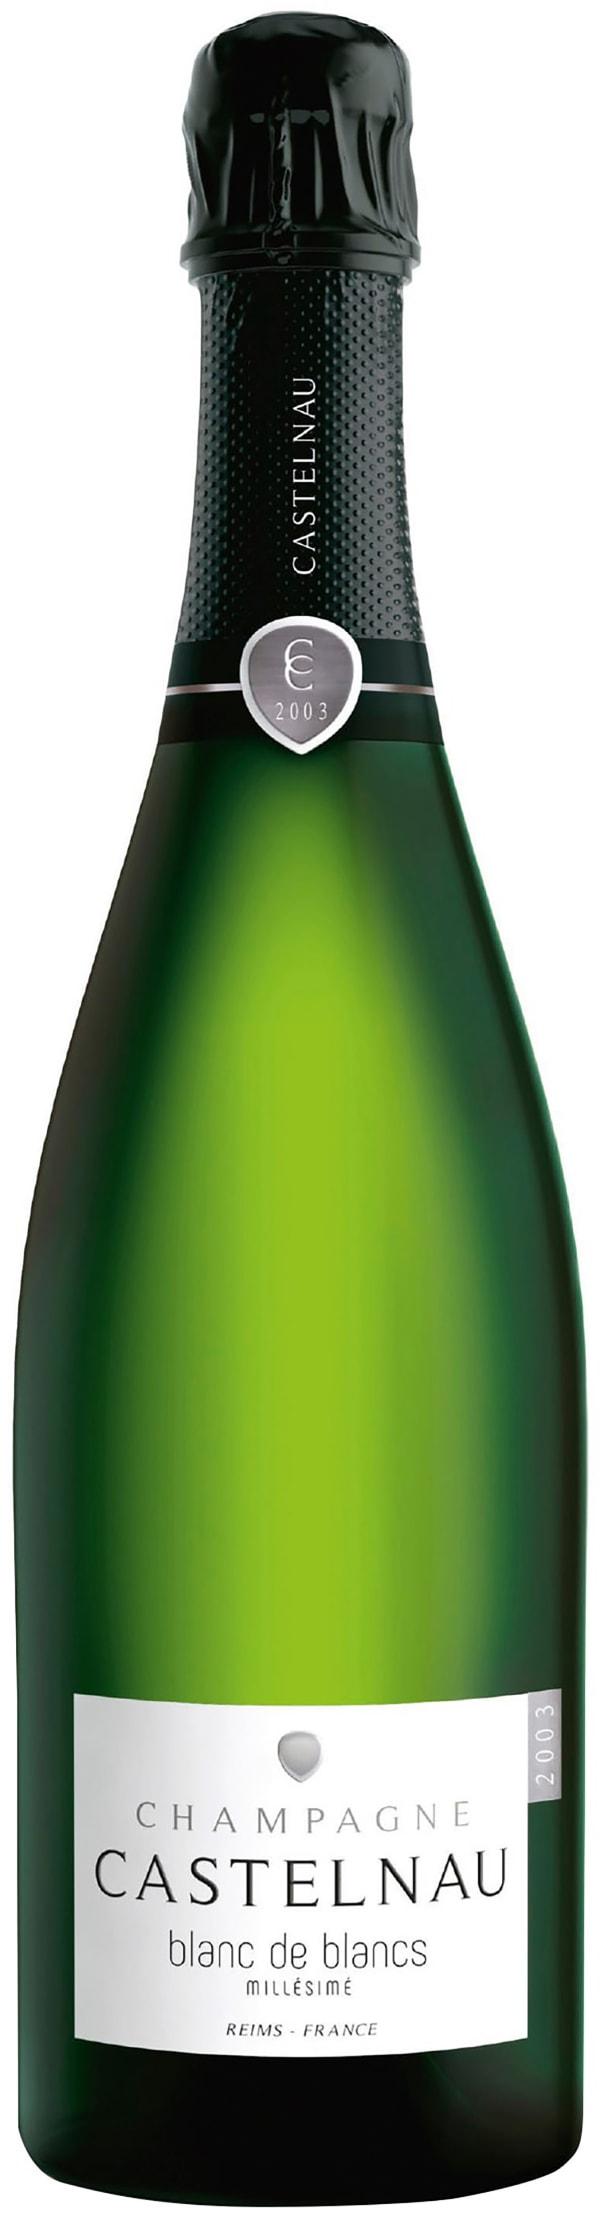 Castelnau Blanc de Blancs Millésimé Champagne Brut 2005